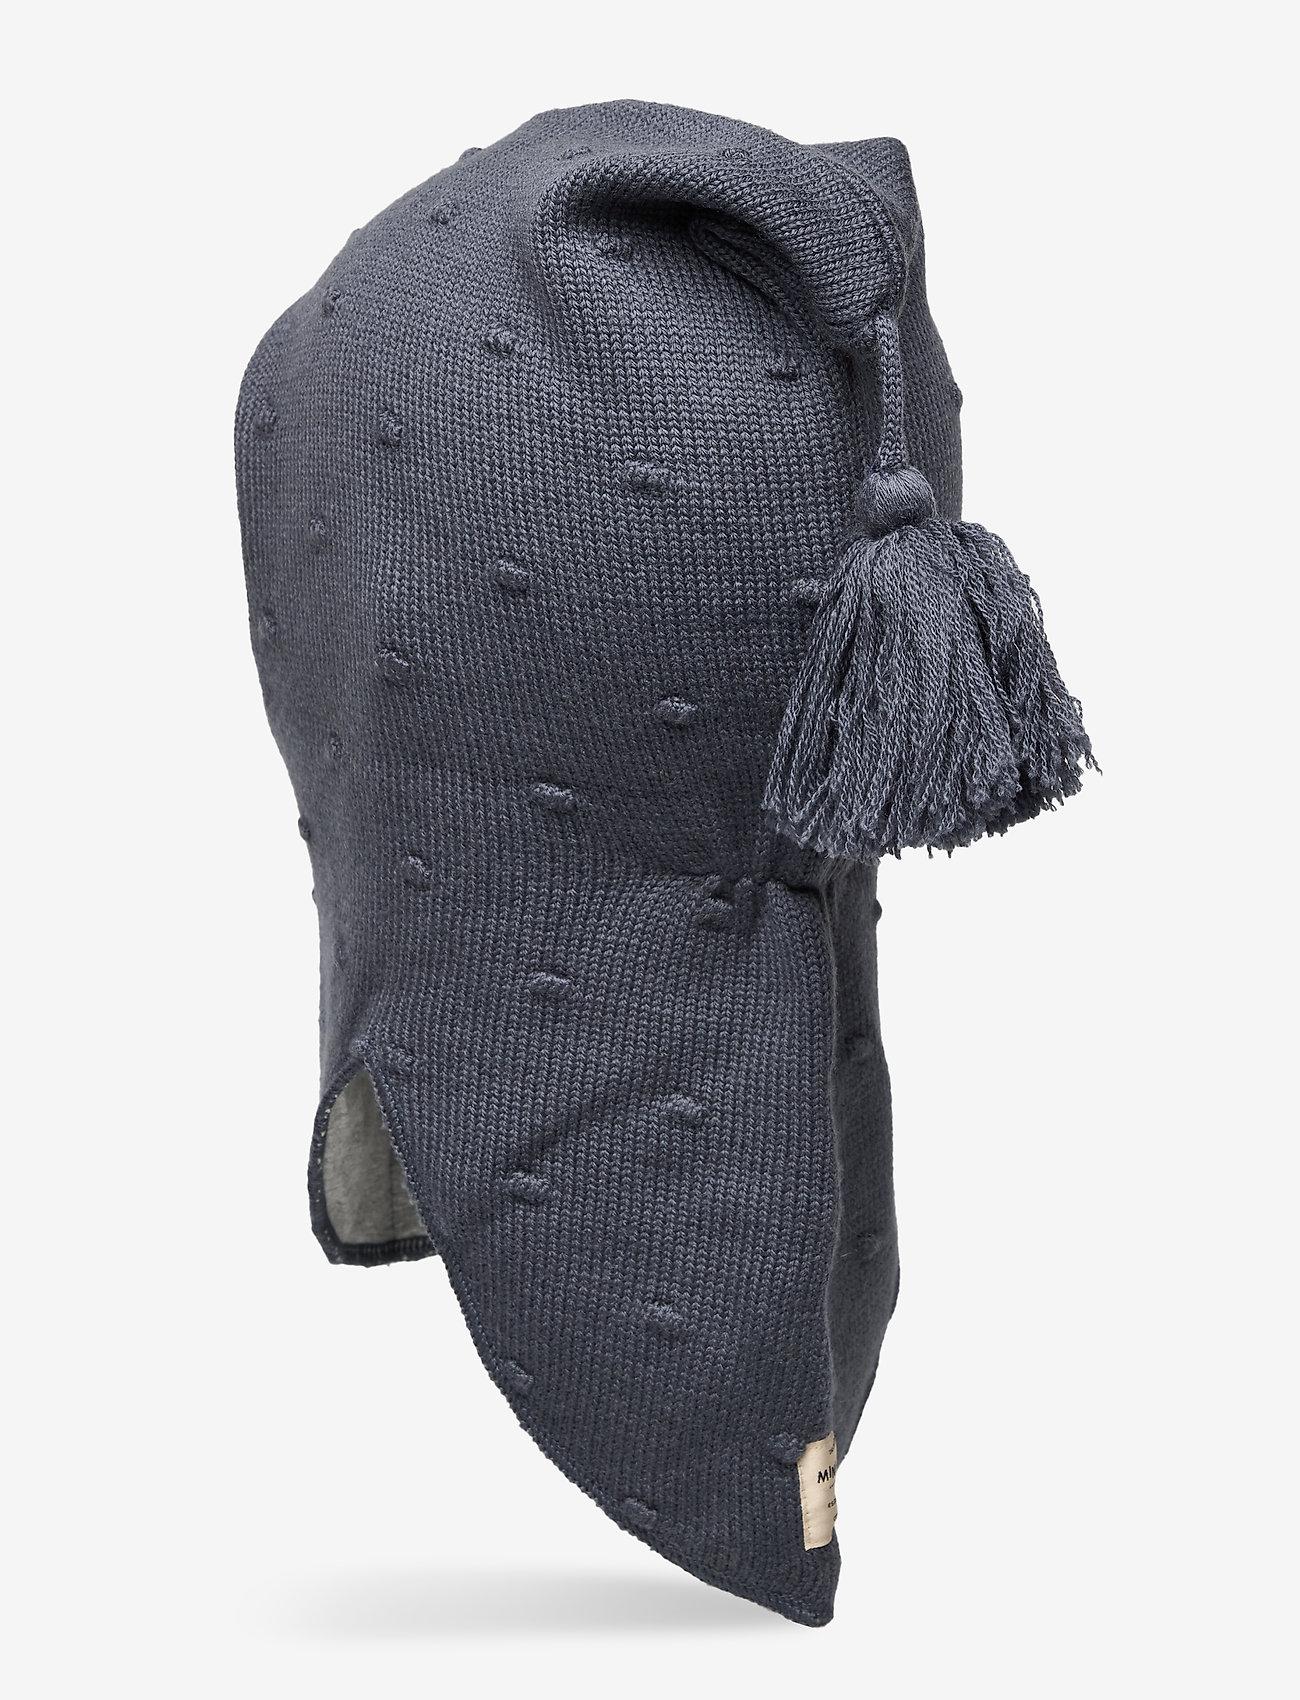 Mini A Ture - Juels Elephant hood, MK - balaclava - ombre blue - 1